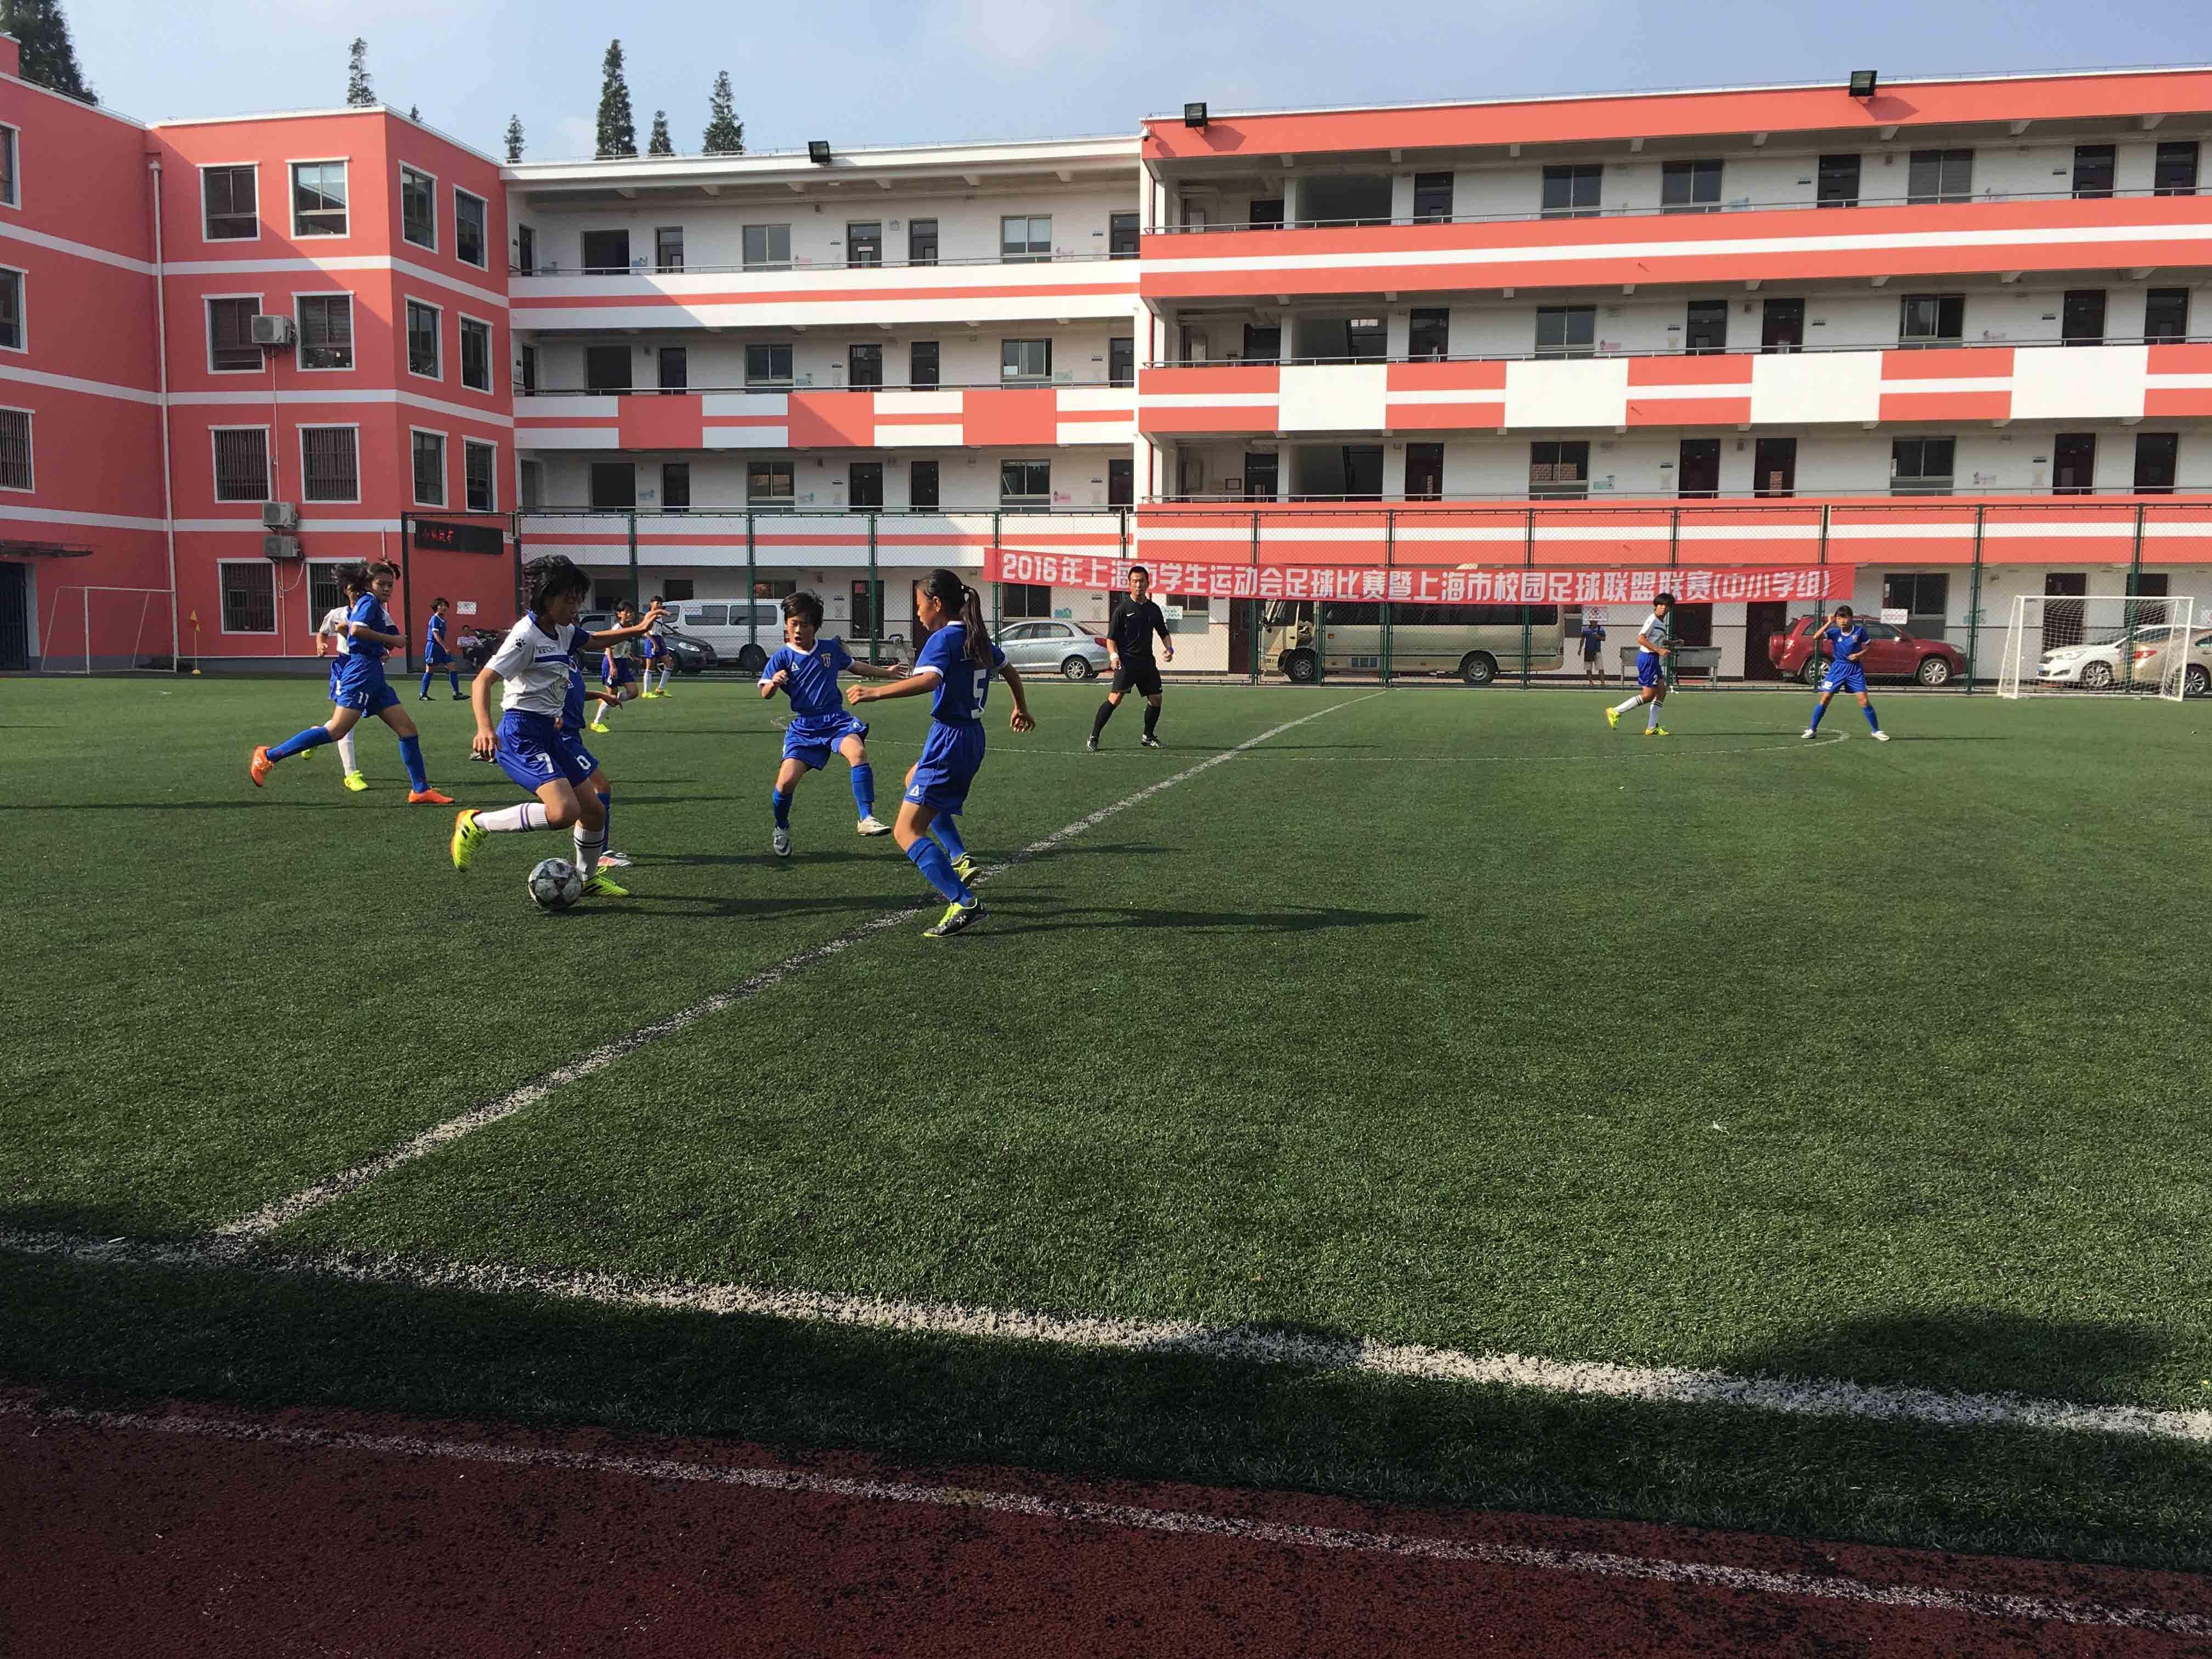 2016年上海市学生运动会足球比赛暨上海市校园足球联盟联赛